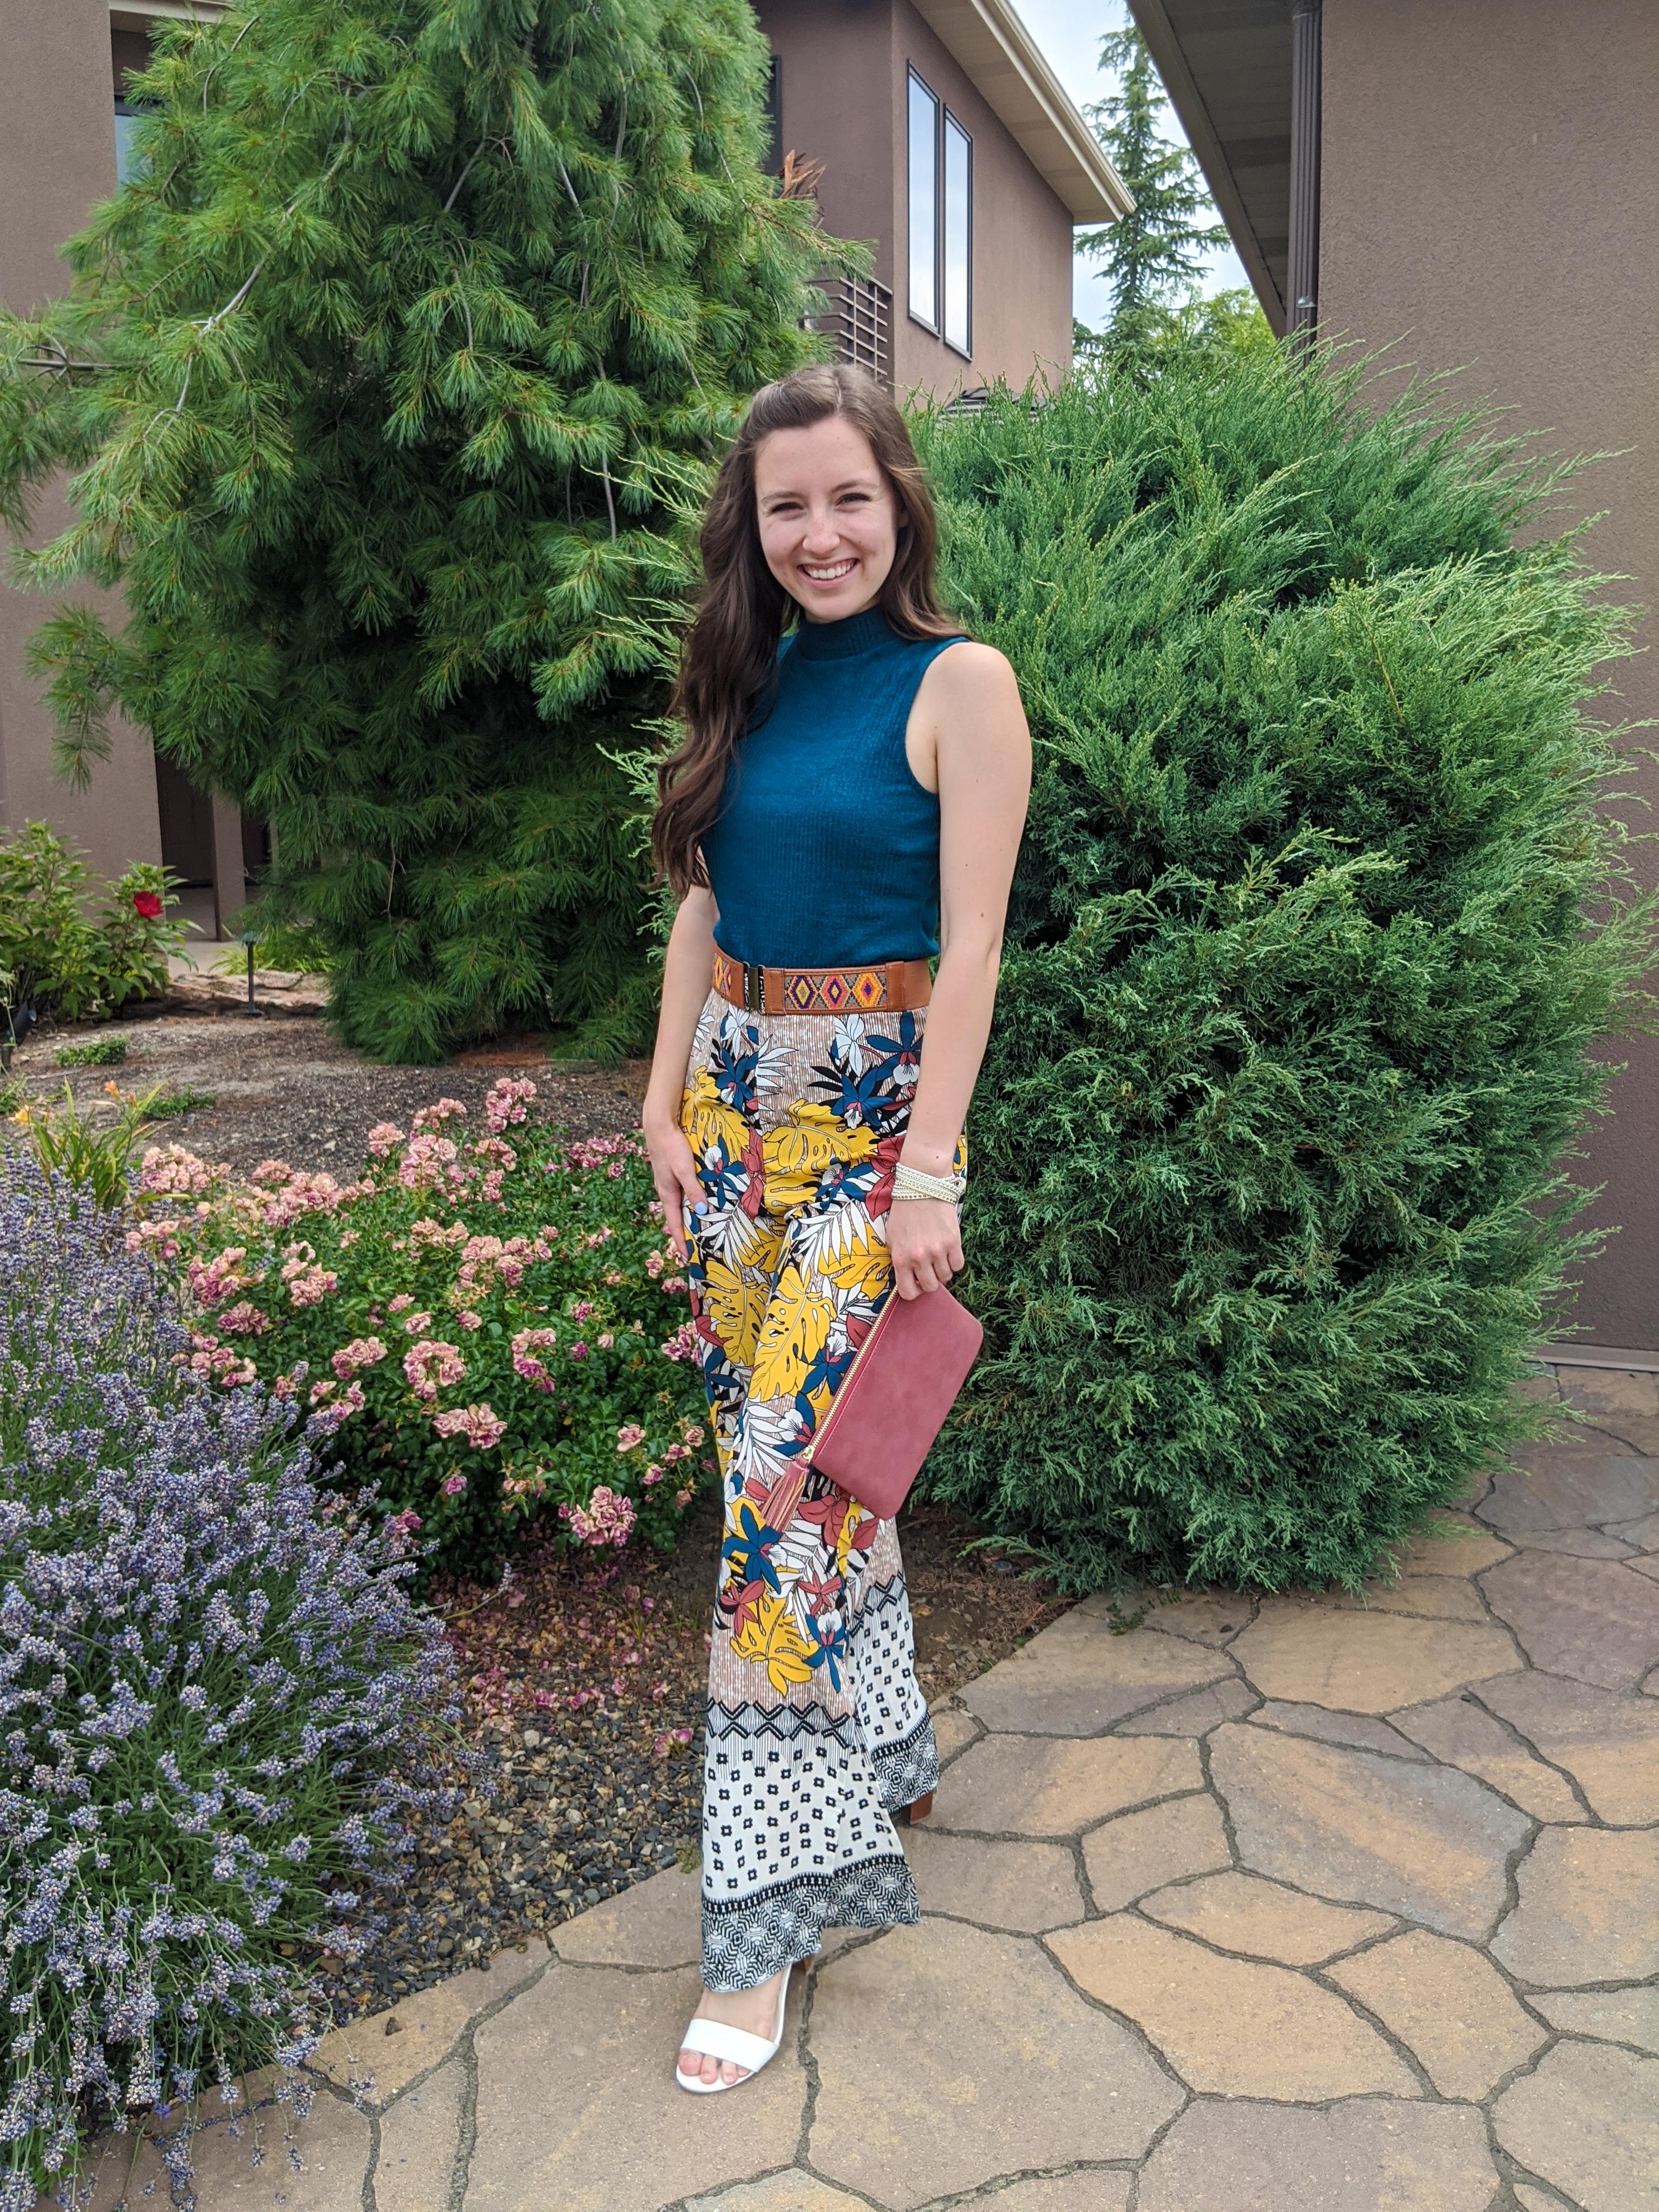 boho-style-mockneck-top-patterned-pants